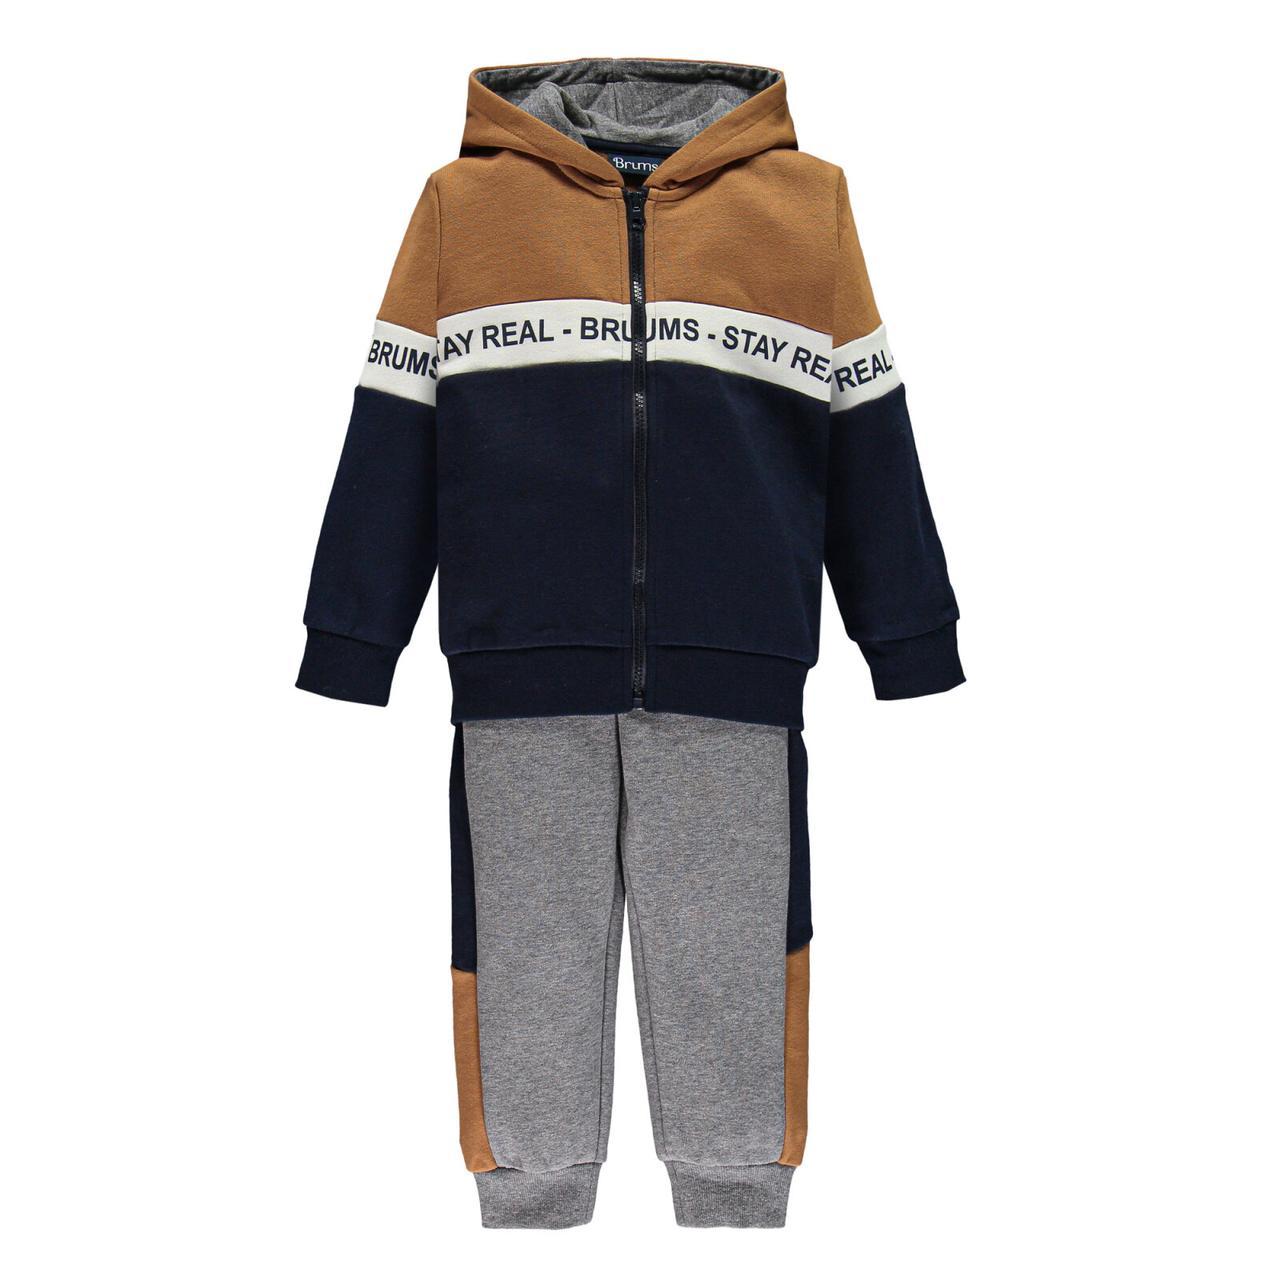 Утеплений спортивний костюм трійка для хлопчика Brums 203BFEP006-286 синій з коричневим 152-170